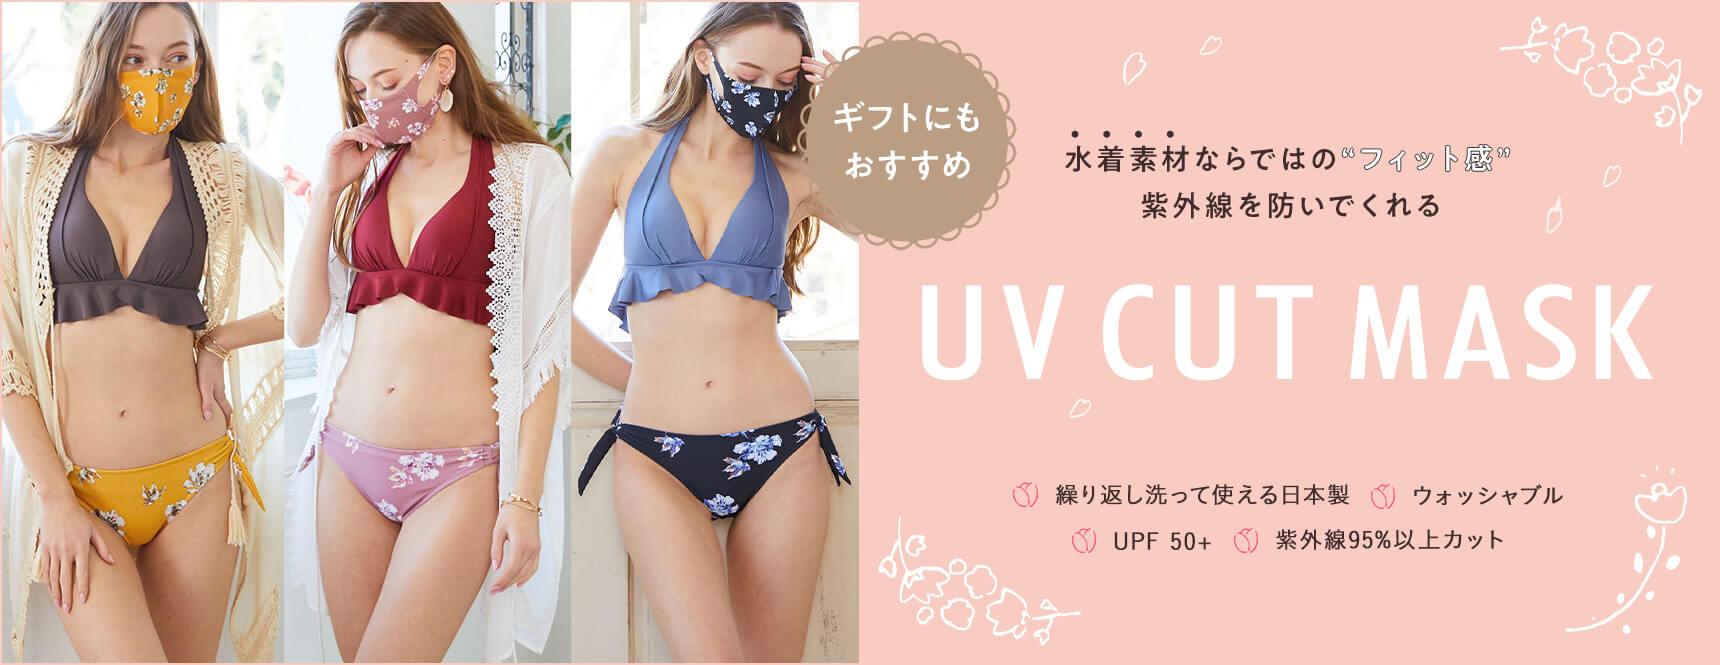 UV CUT MUSK